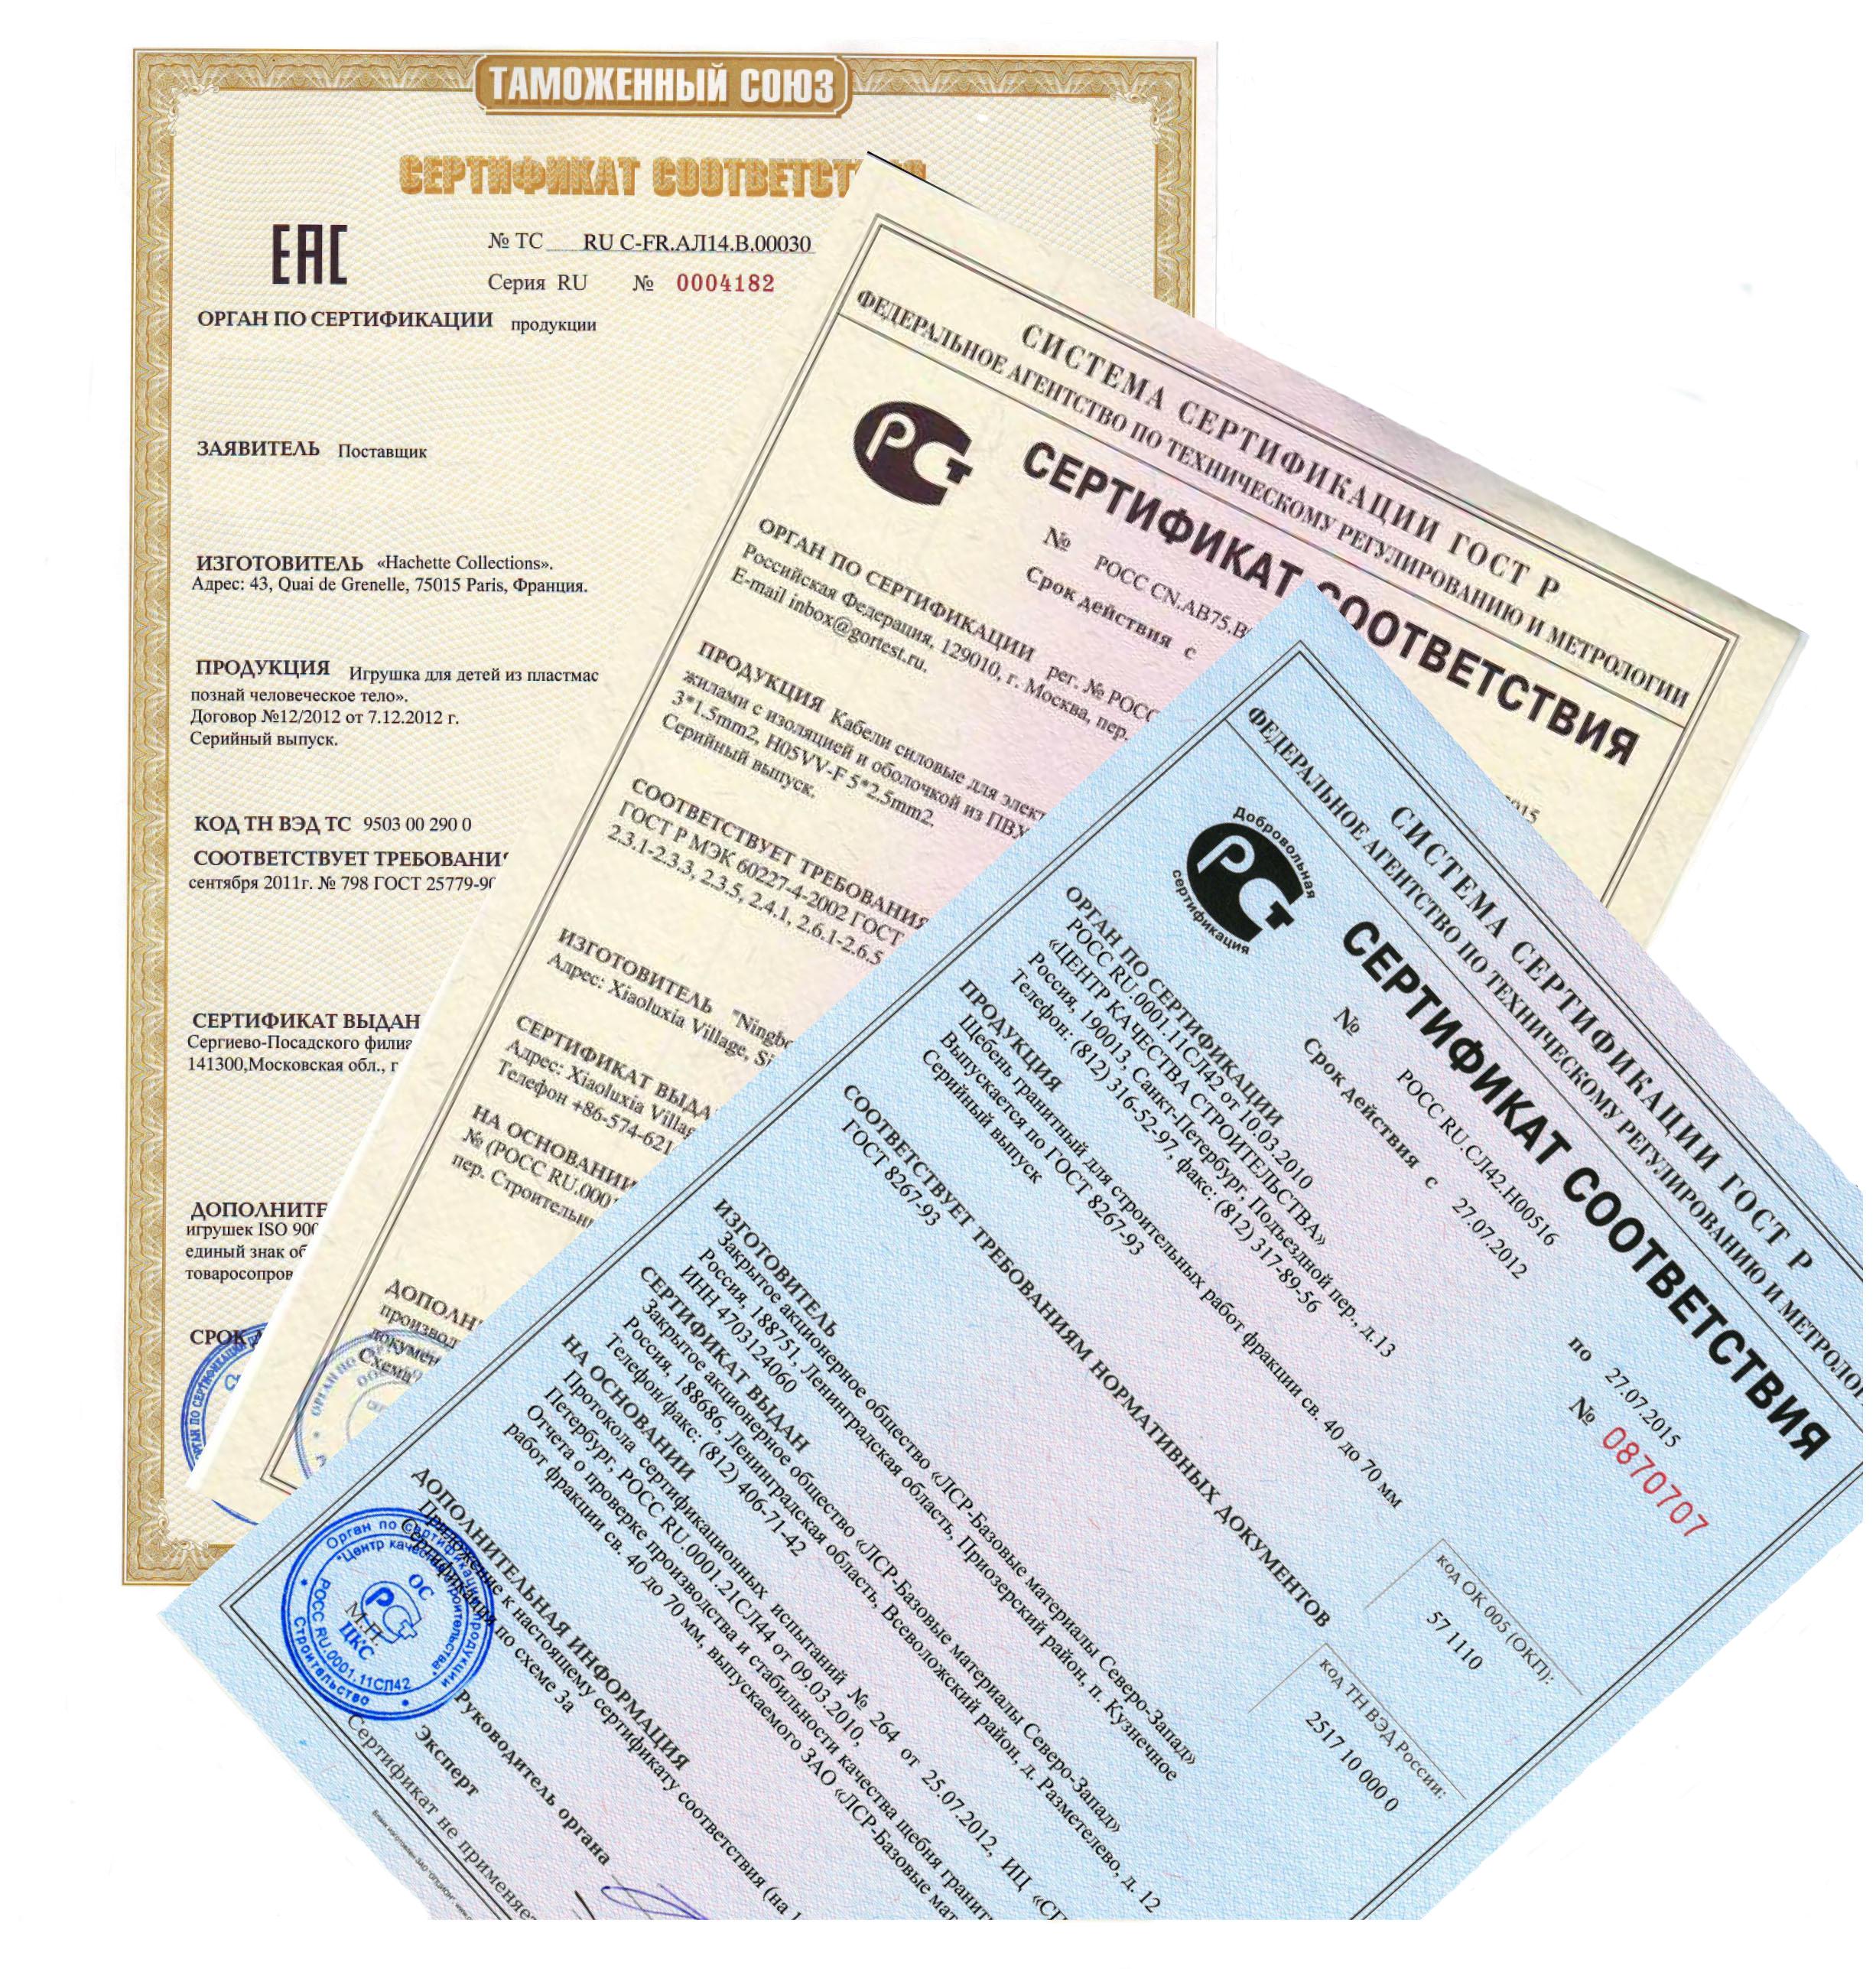 сертификация в картинках вам необходимо